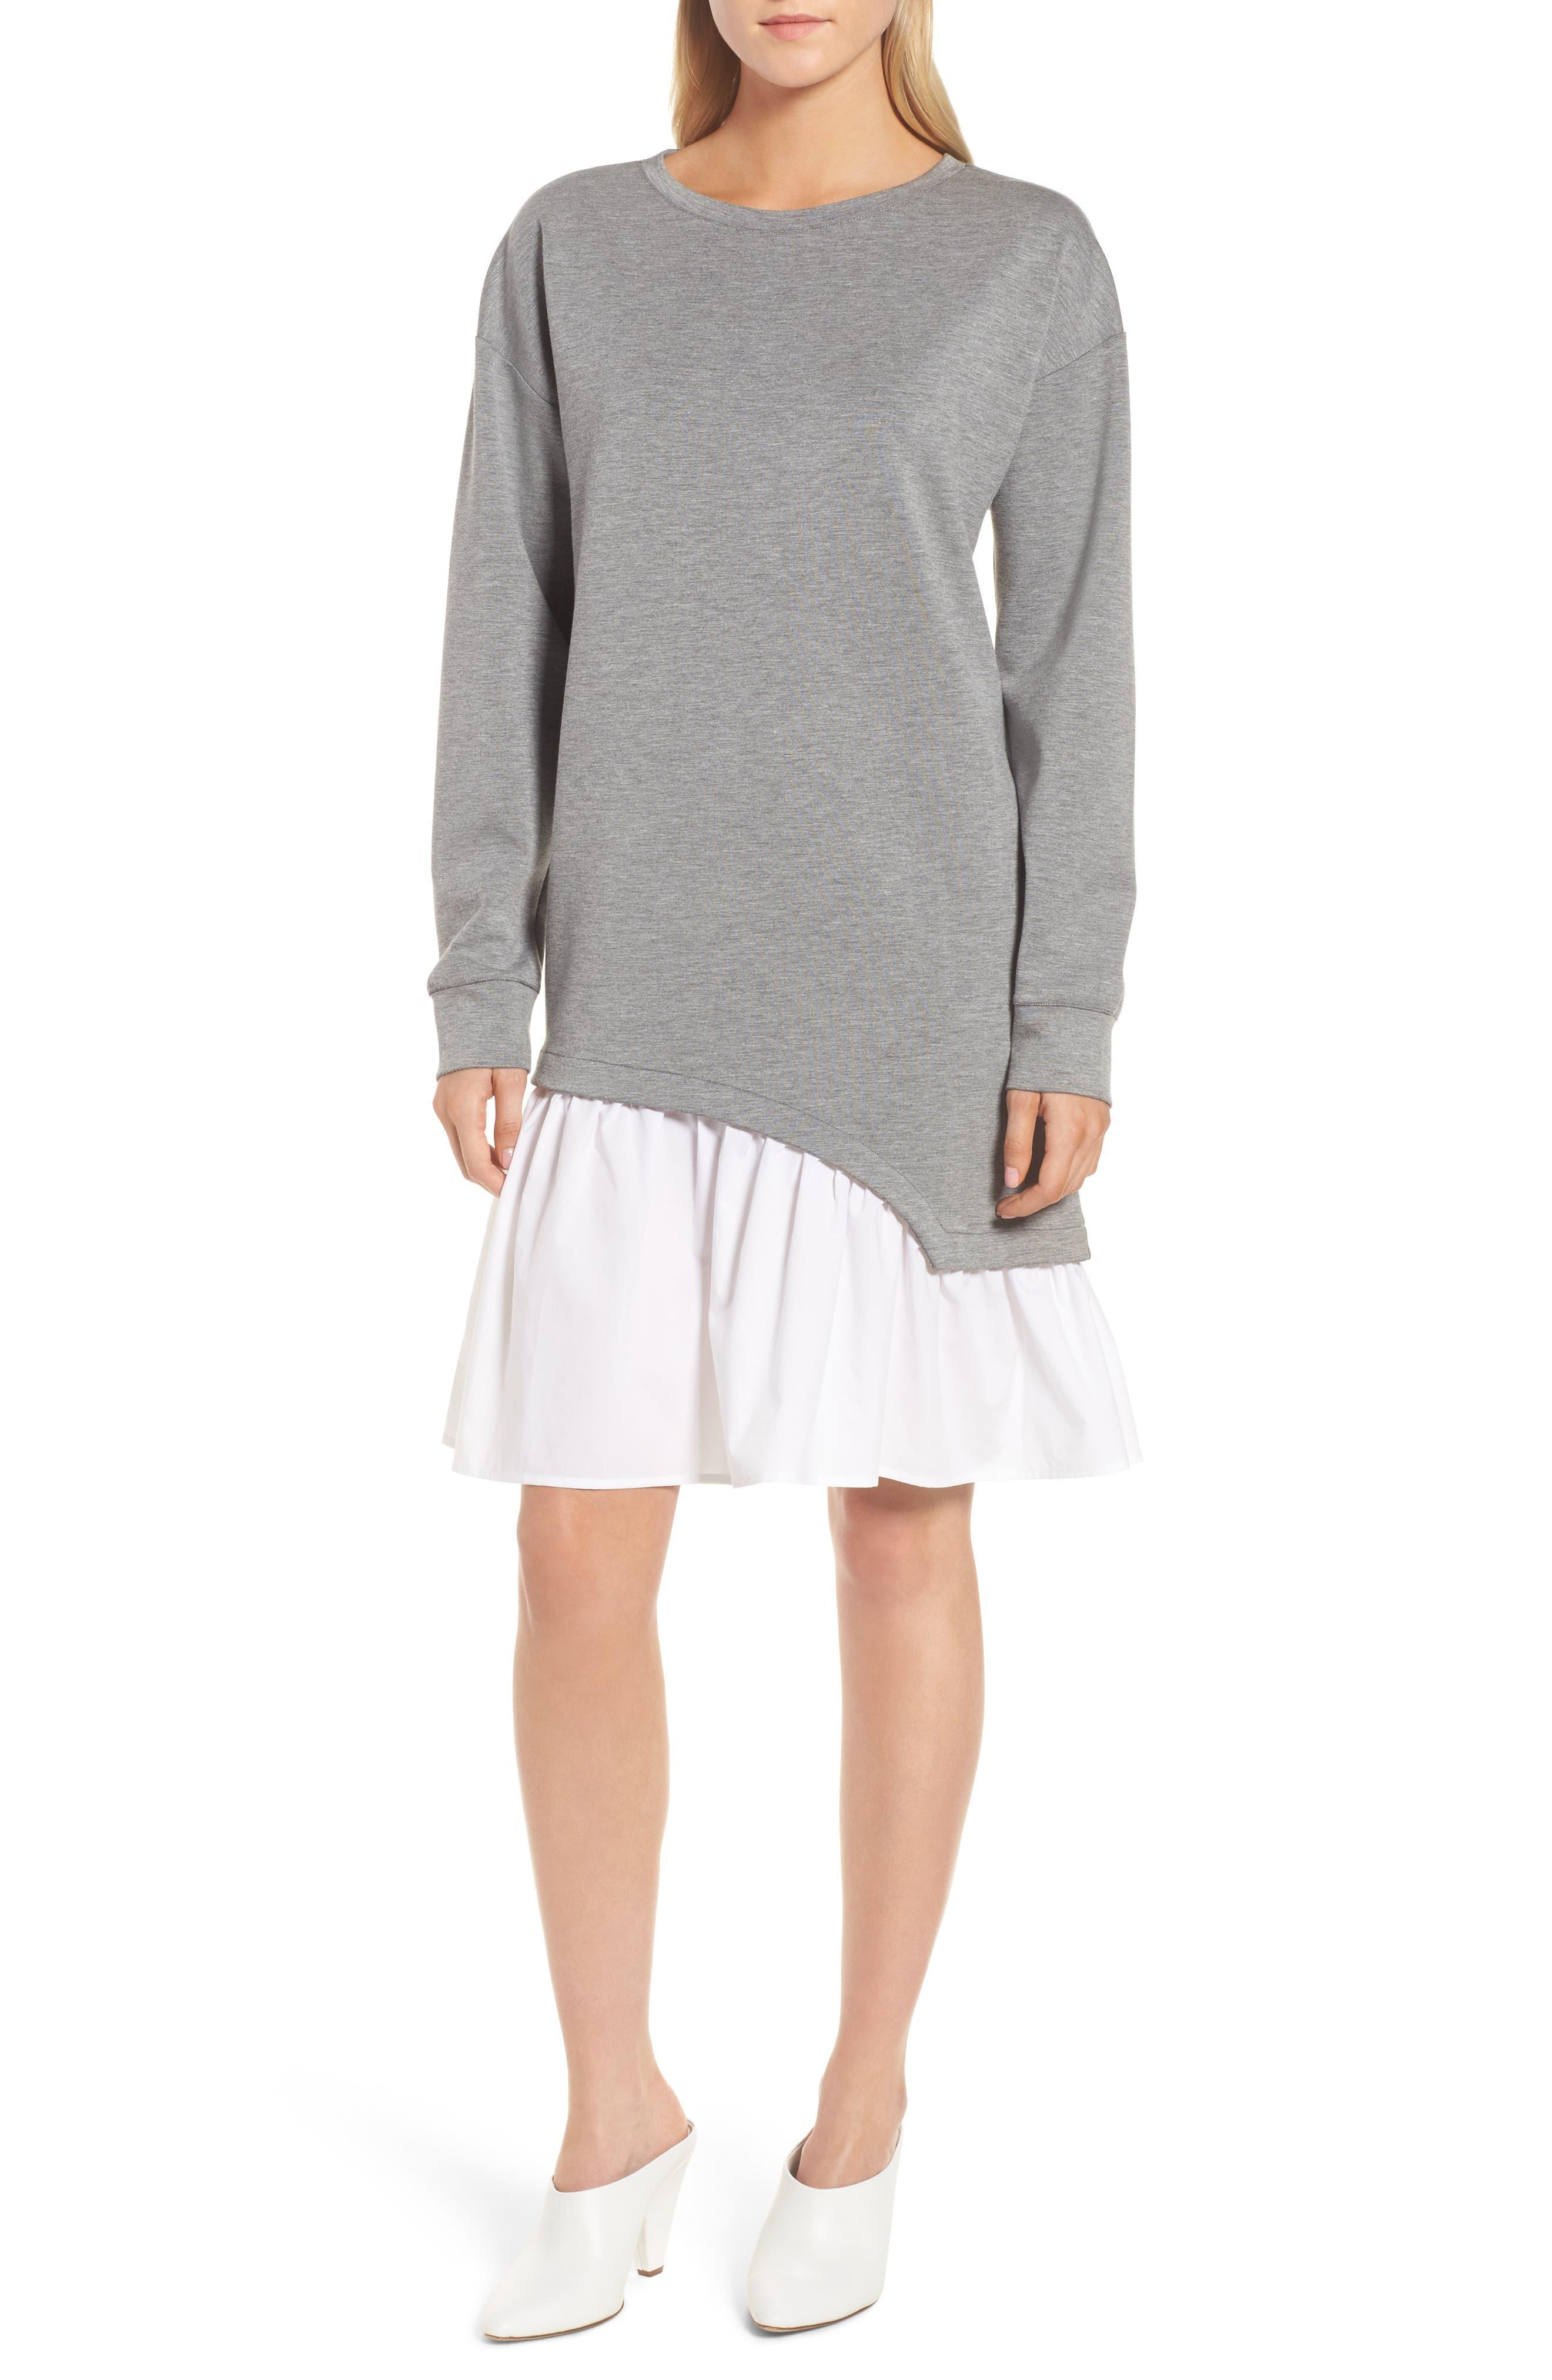 Trouvé Mixed Media Sweatshirt Dress